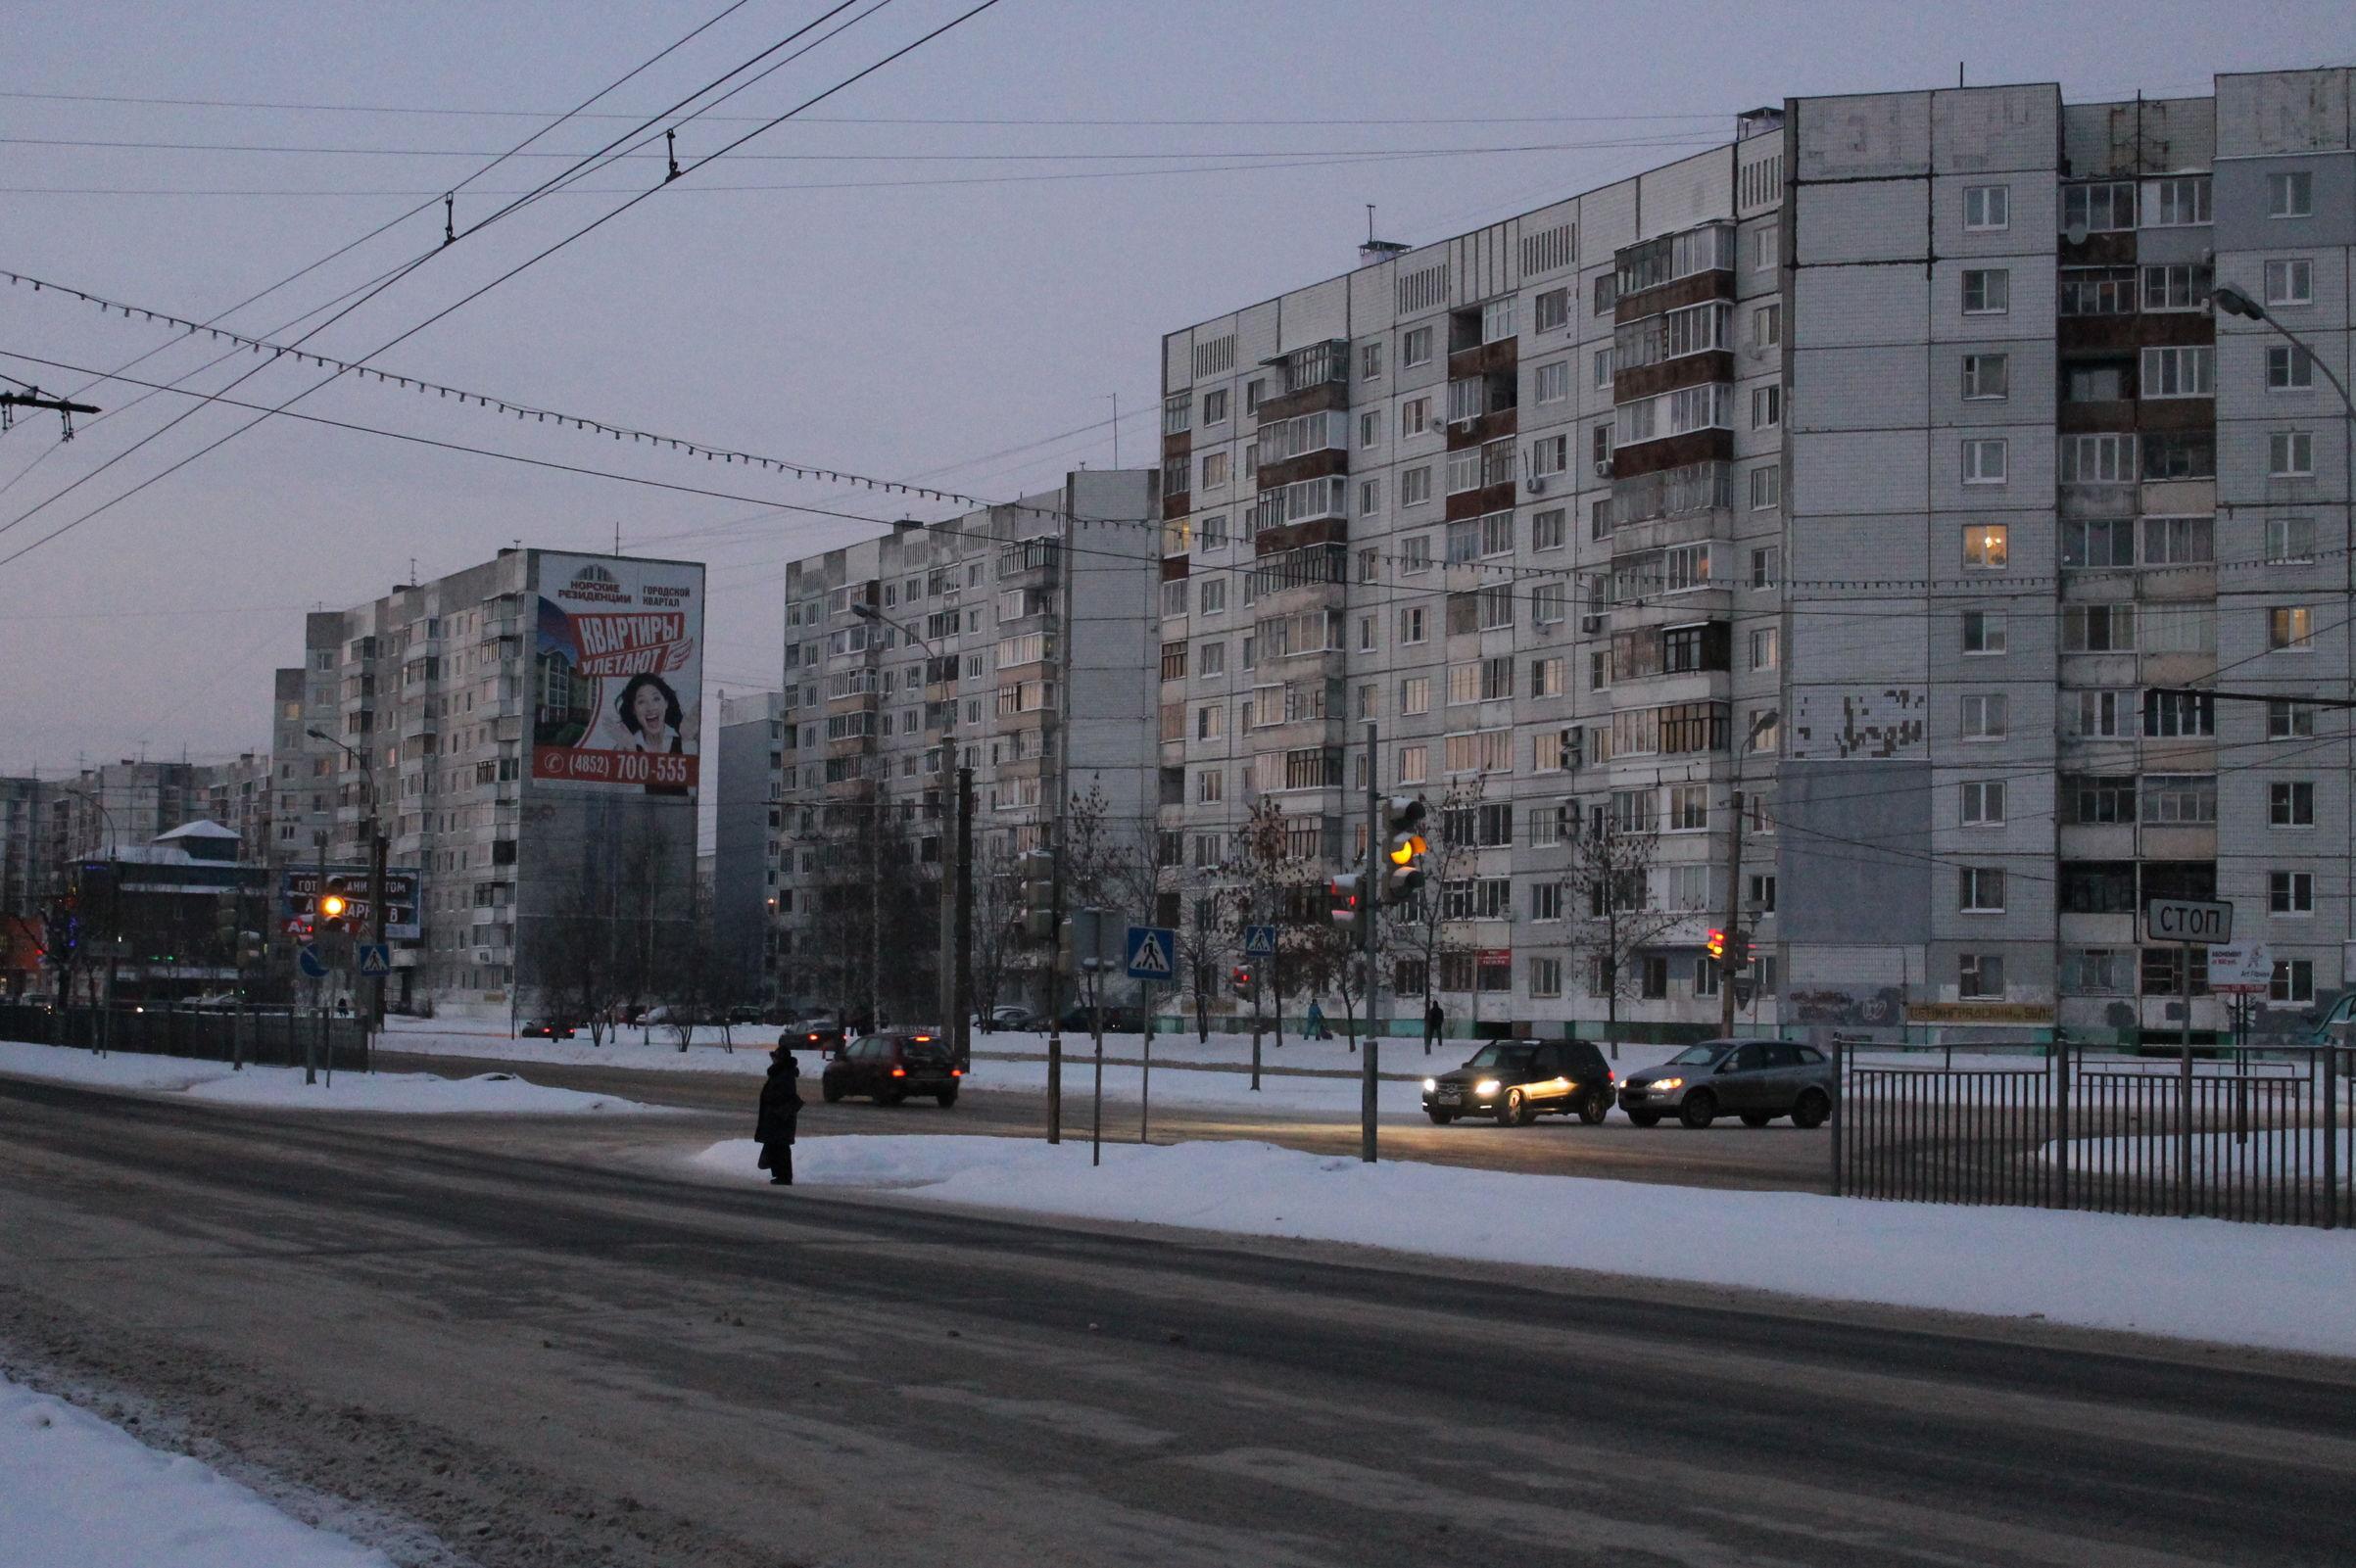 Нет желания – нет рекламы: собственников жилья защитят от незаконных баннеров